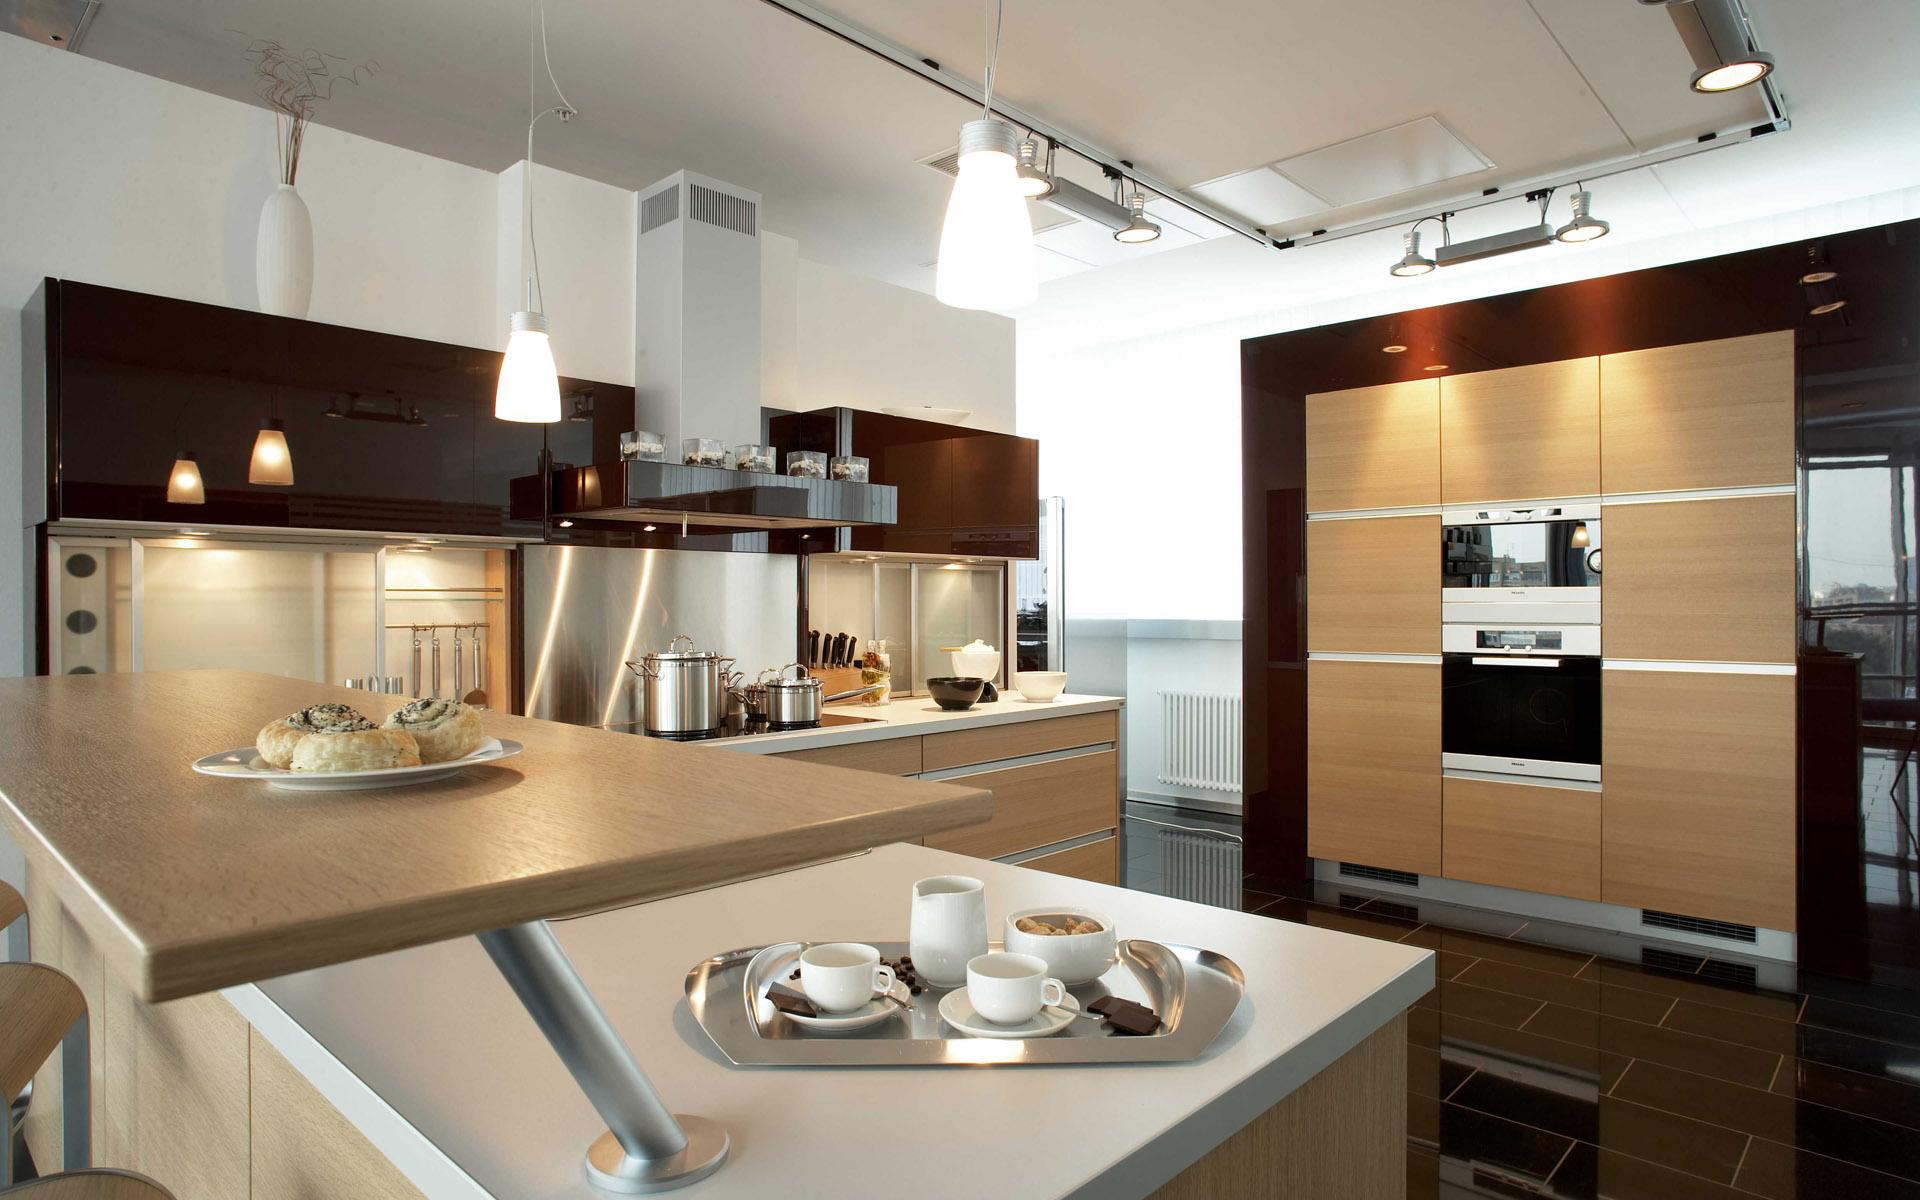 kabinet dapur moden dengan unsur kayu menjadikan ruang dapur lebih menyerlah